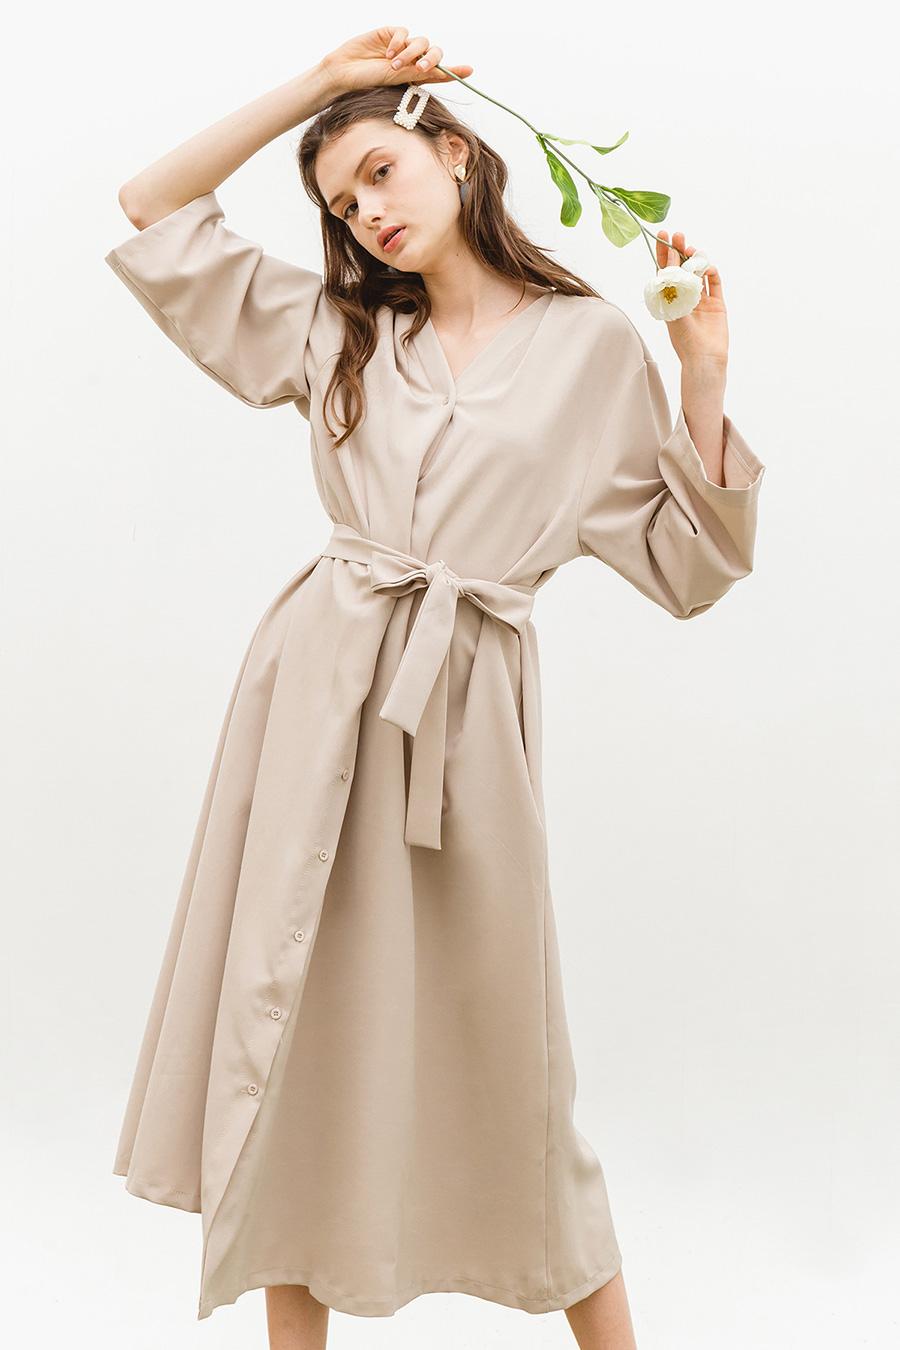 LYLA DRESS - BISCOTTI